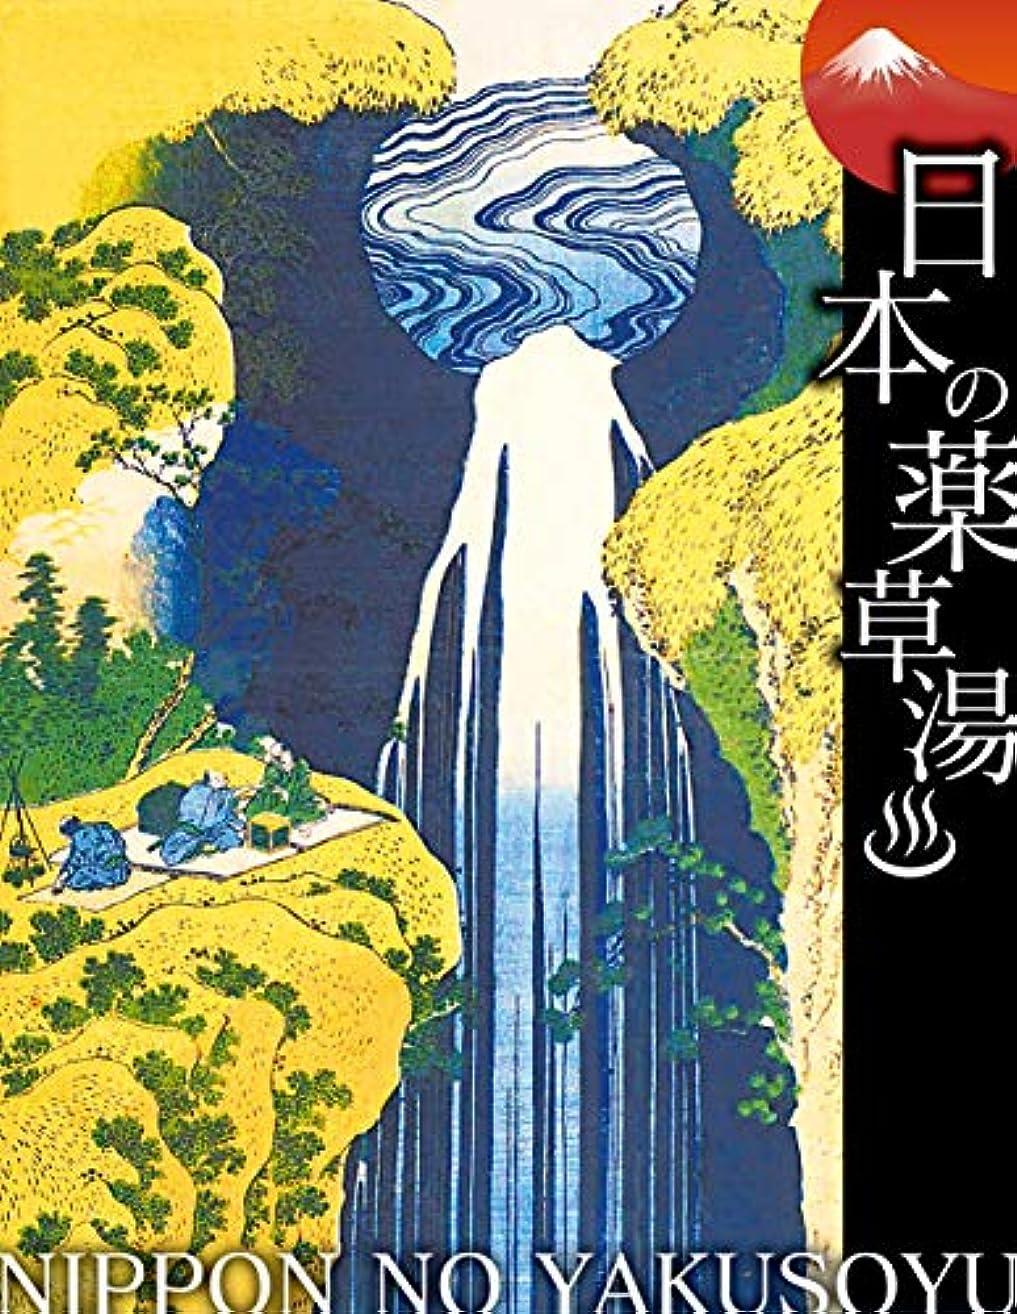 脚暫定すべき日本の薬草湯 木曽路ノ奥阿弥陀ヶ瀧(諸国瀧廻り)